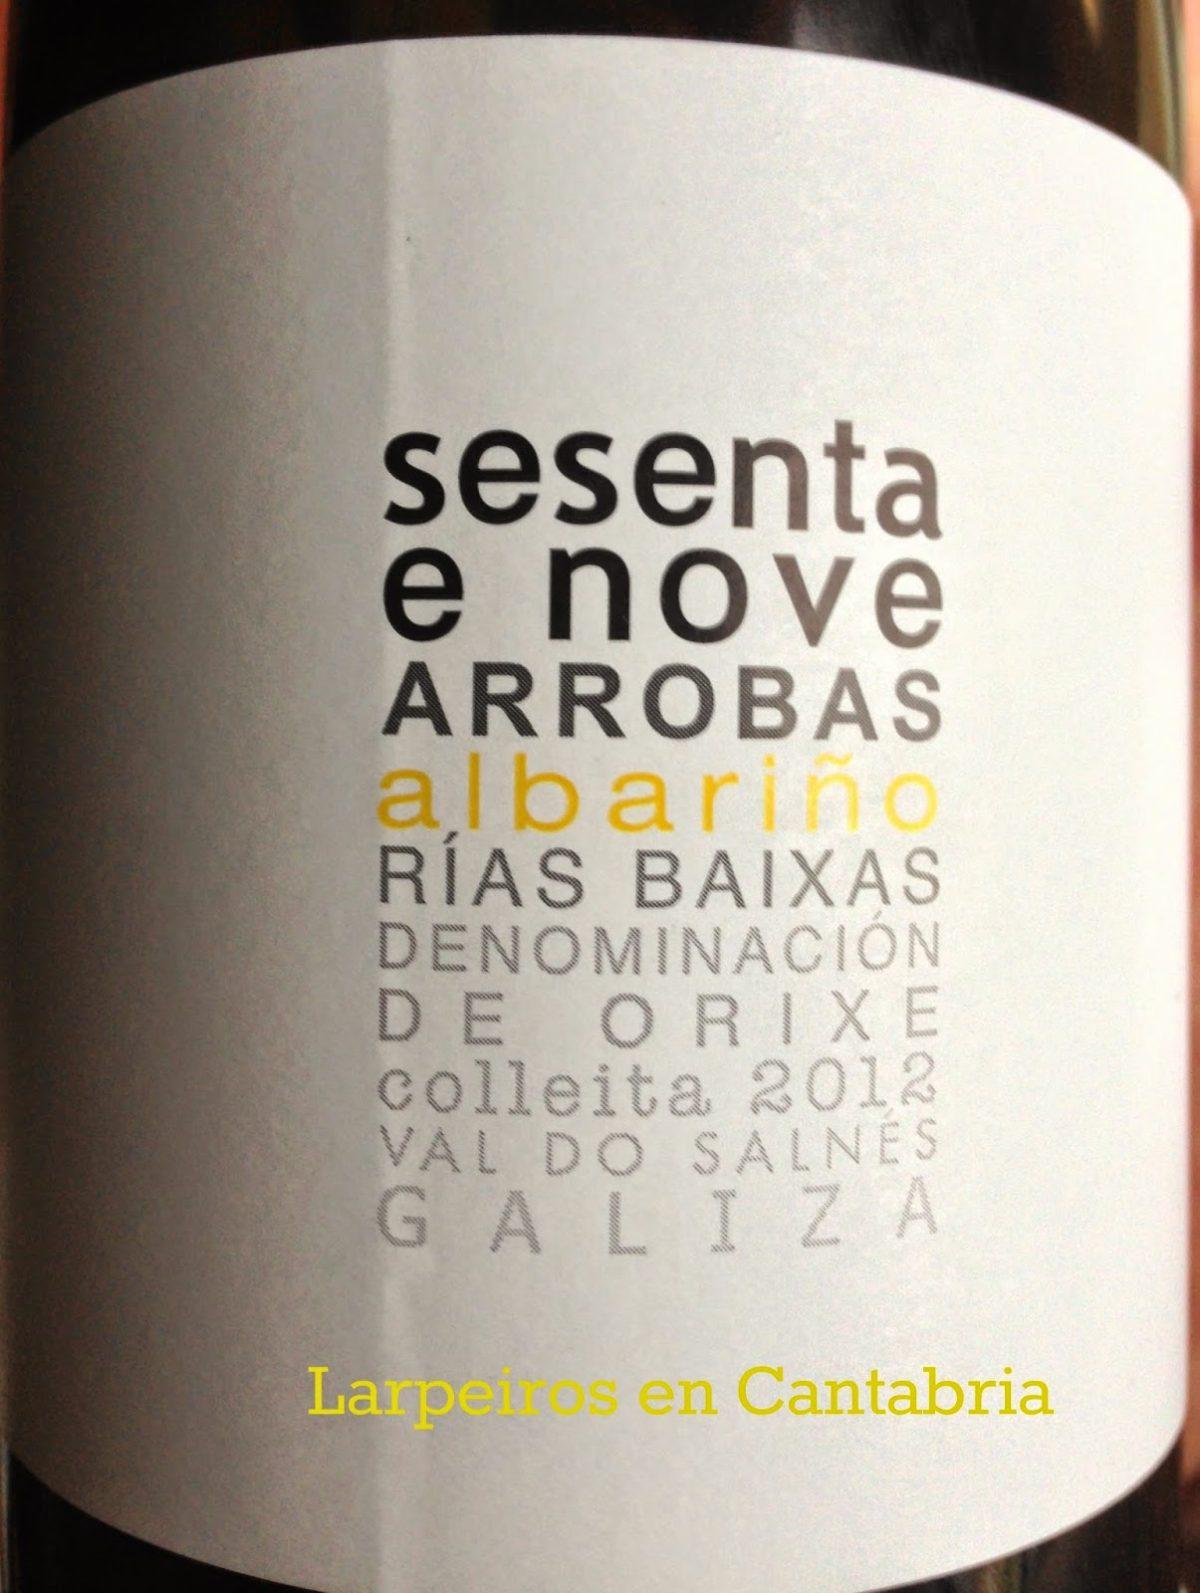 Vino Blanco Albamar Sesenta e Nove Arrobas 2012: Increíble volumen